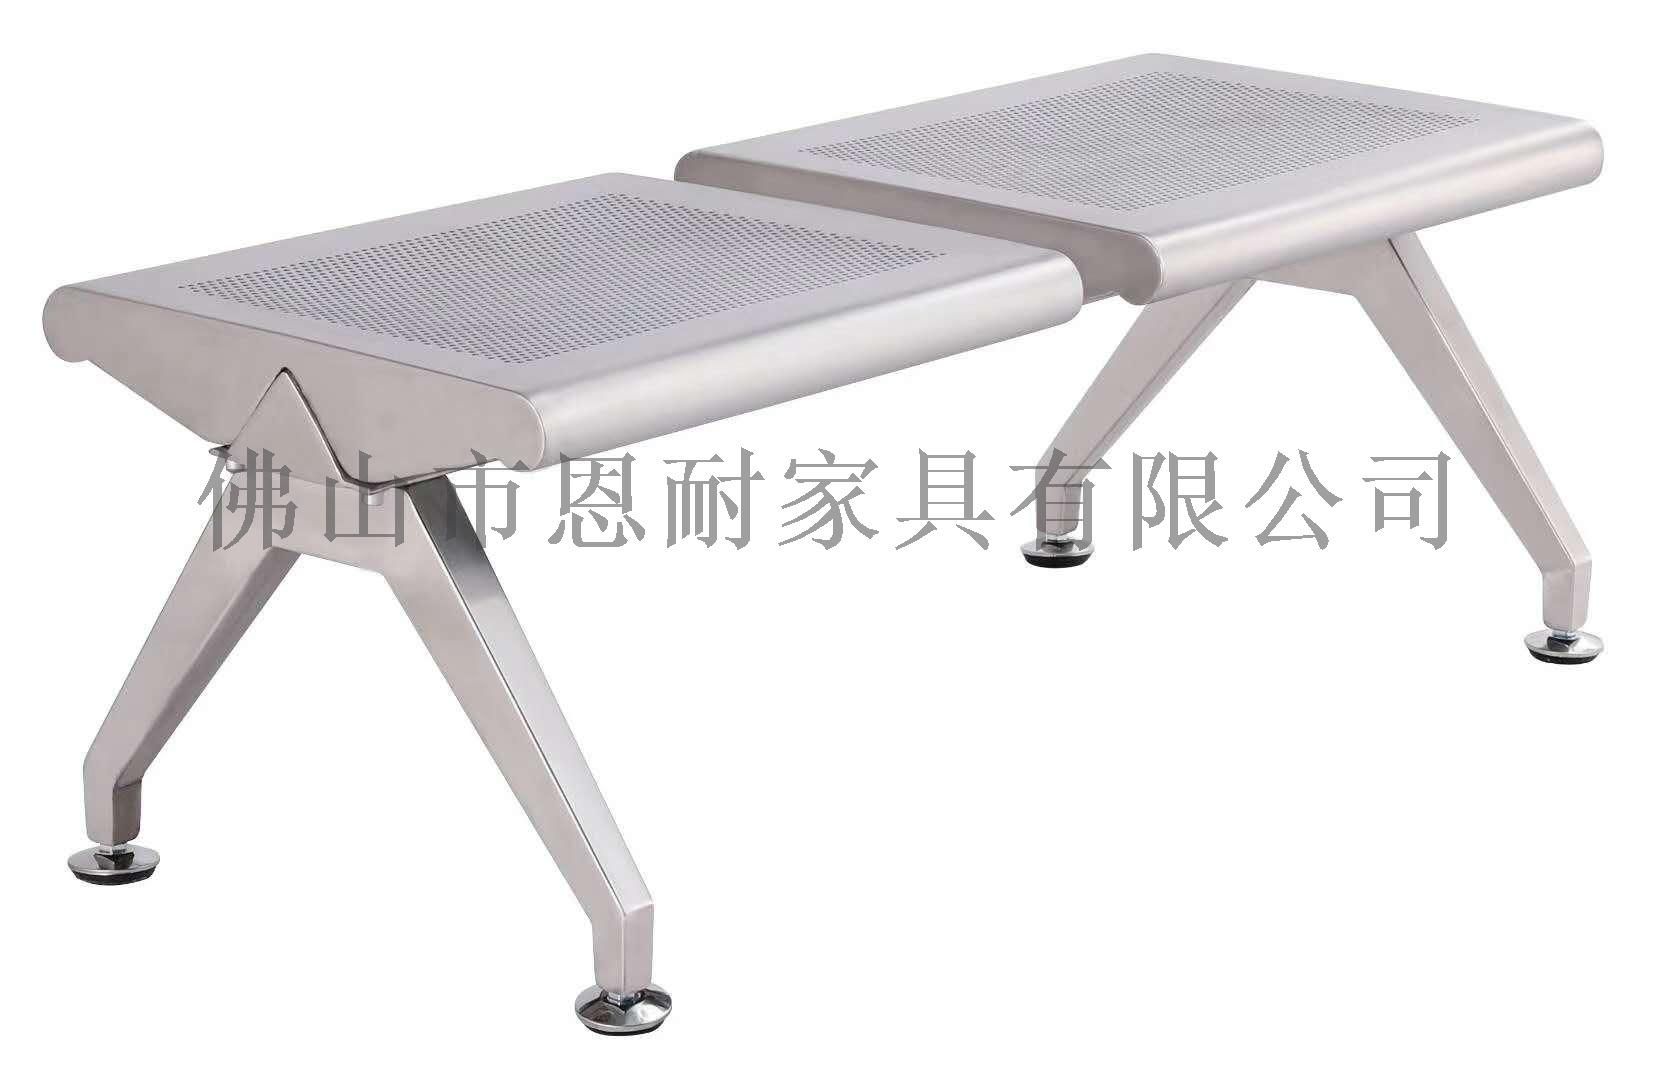 不锈钢排椅厂家 不锈钢平板椅 不锈钢监盘椅146124635